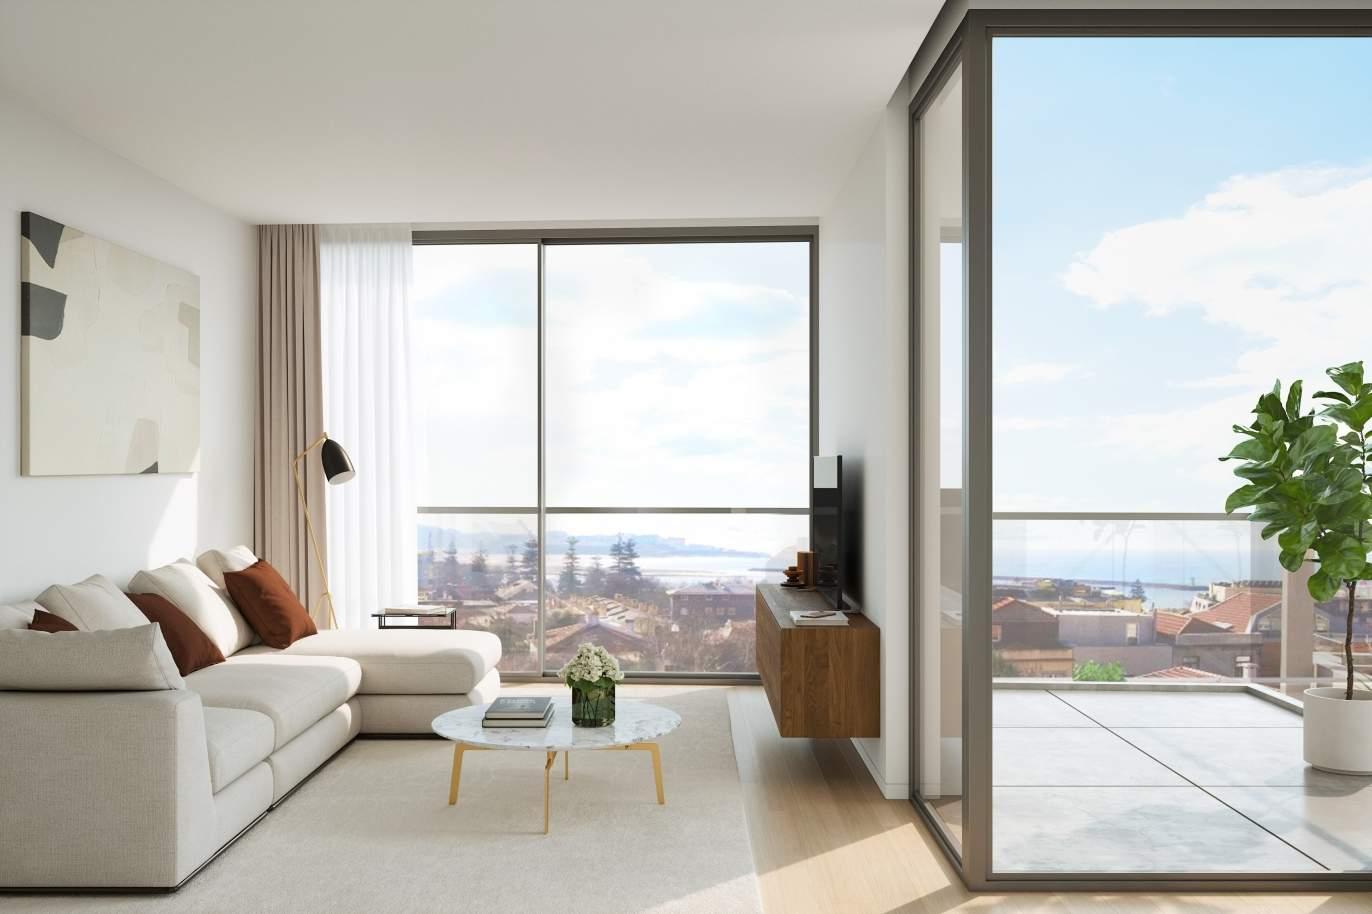 apartamento-t2-1-duplex-com-jardim-para-venda-na-foz-do-douro